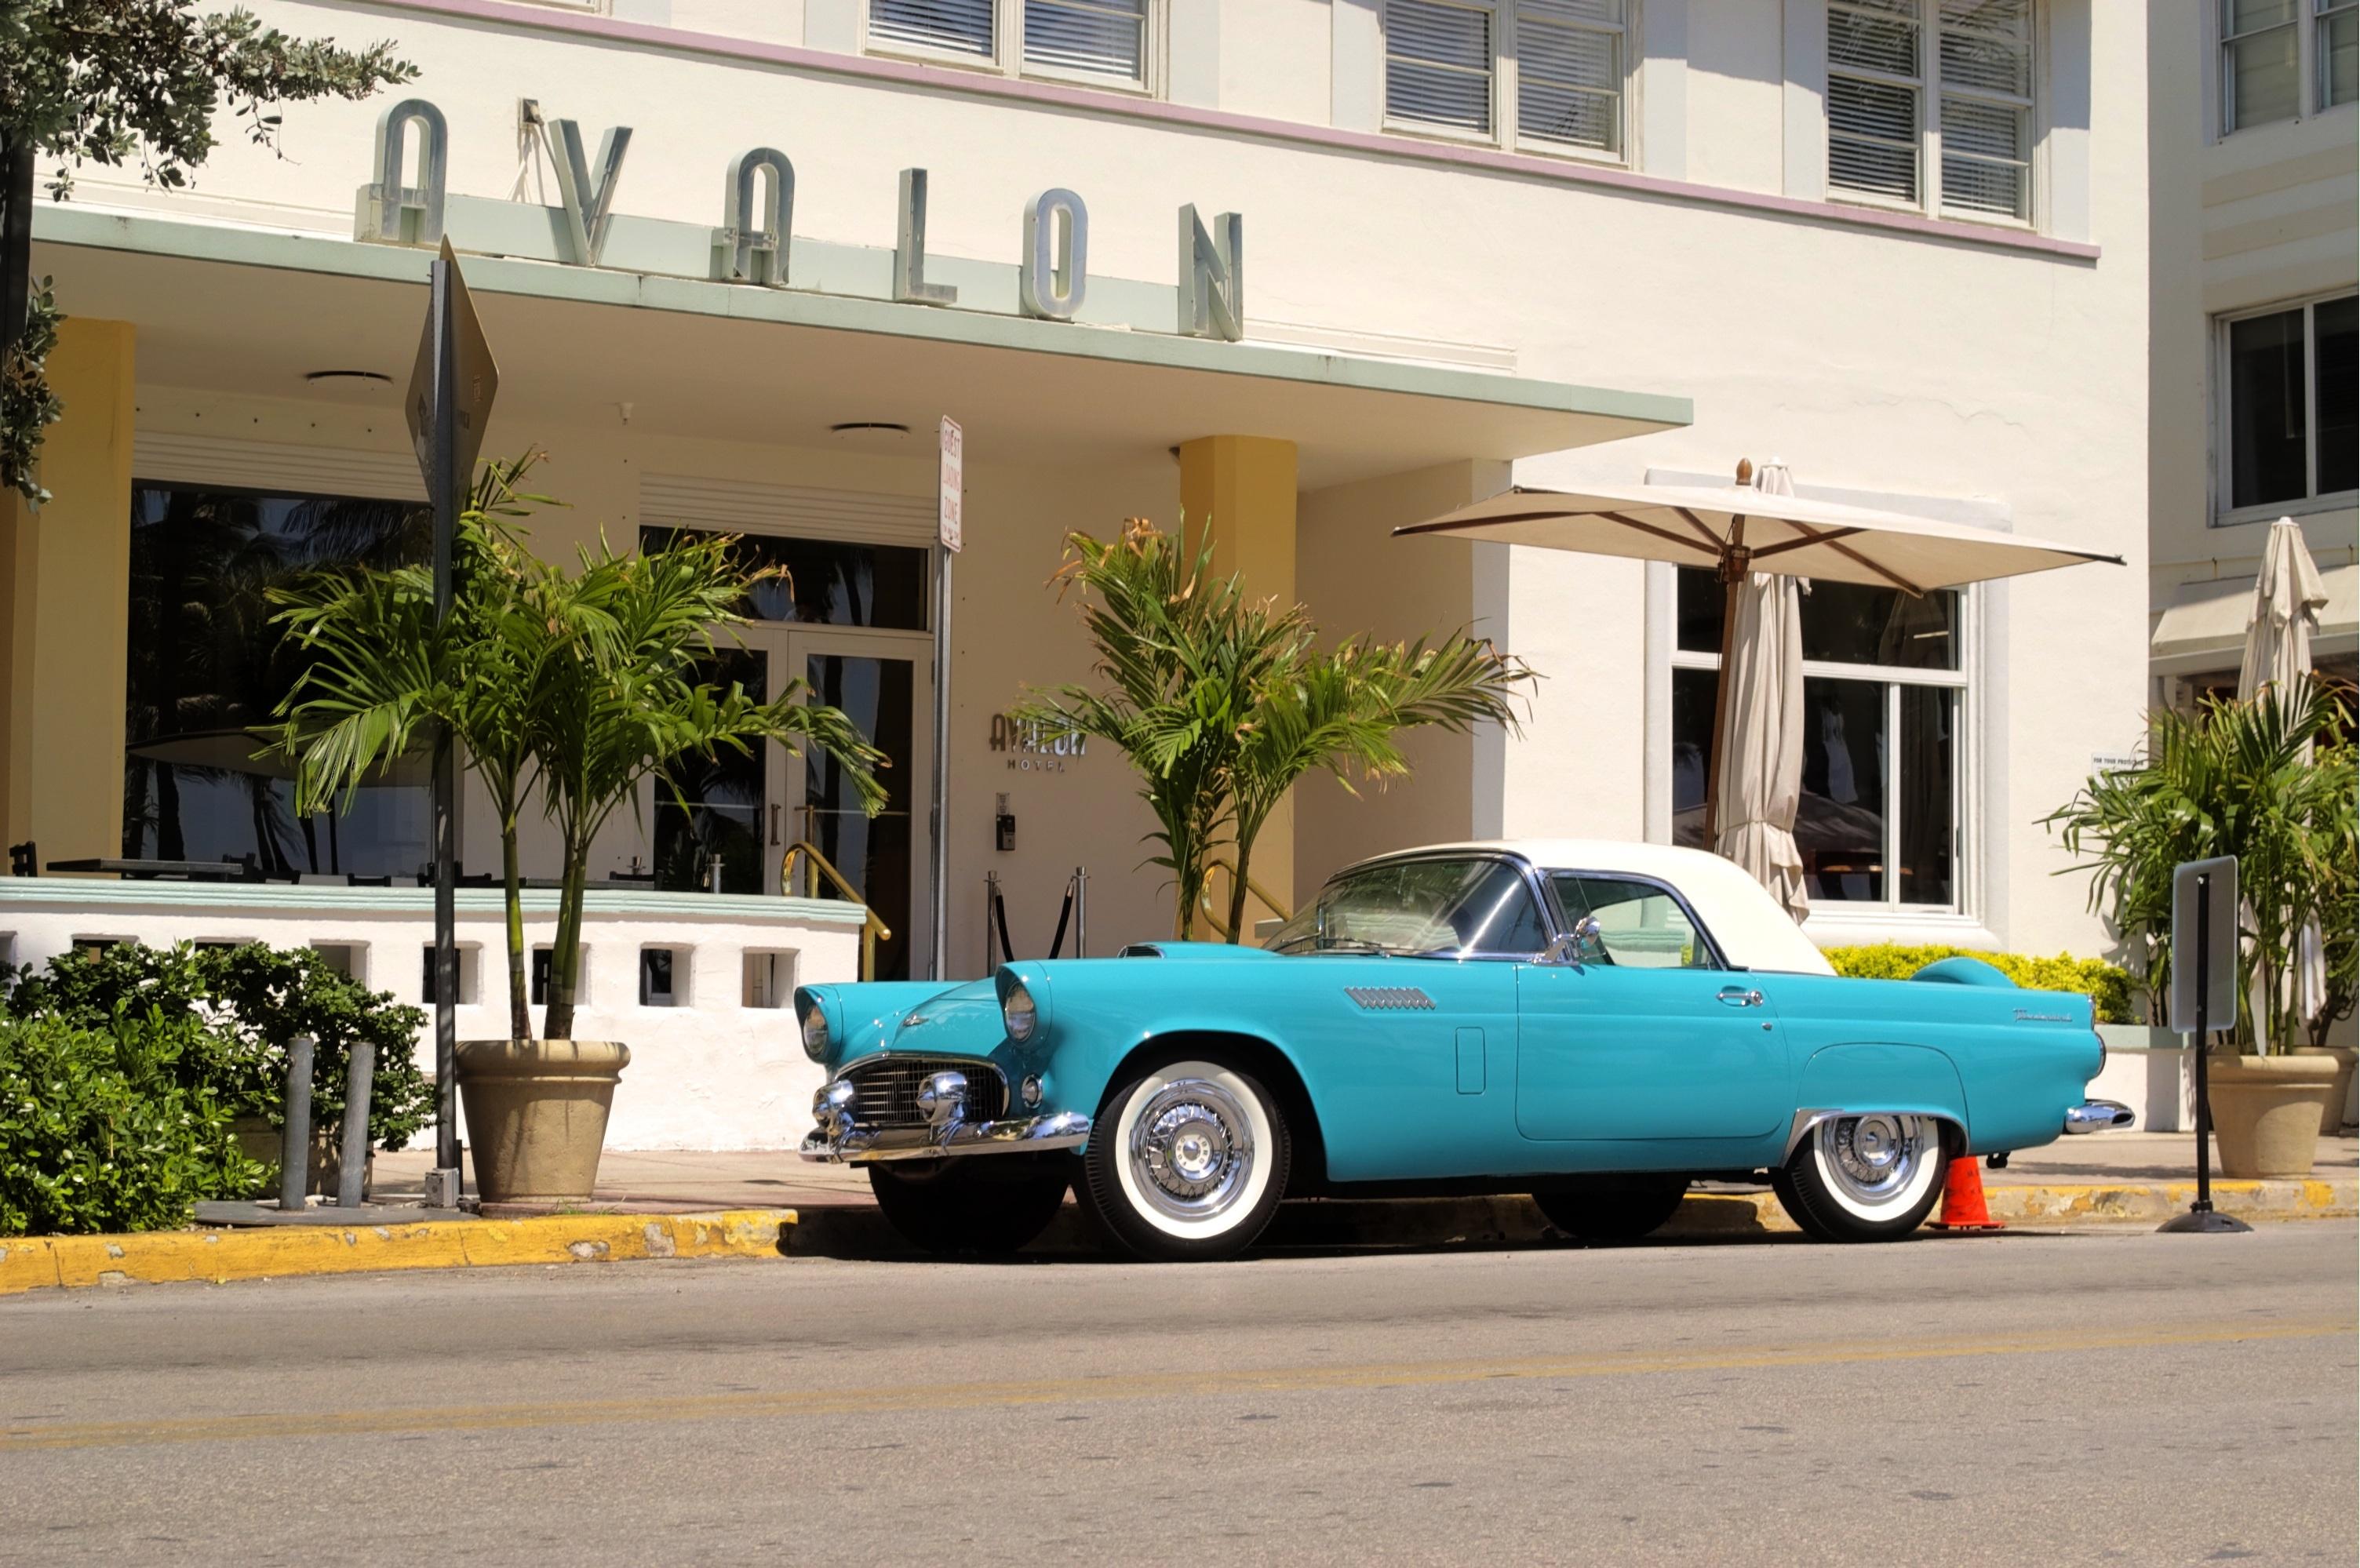 Free Images : transport, auto, nostalgia, motor vehicle, vintage ...